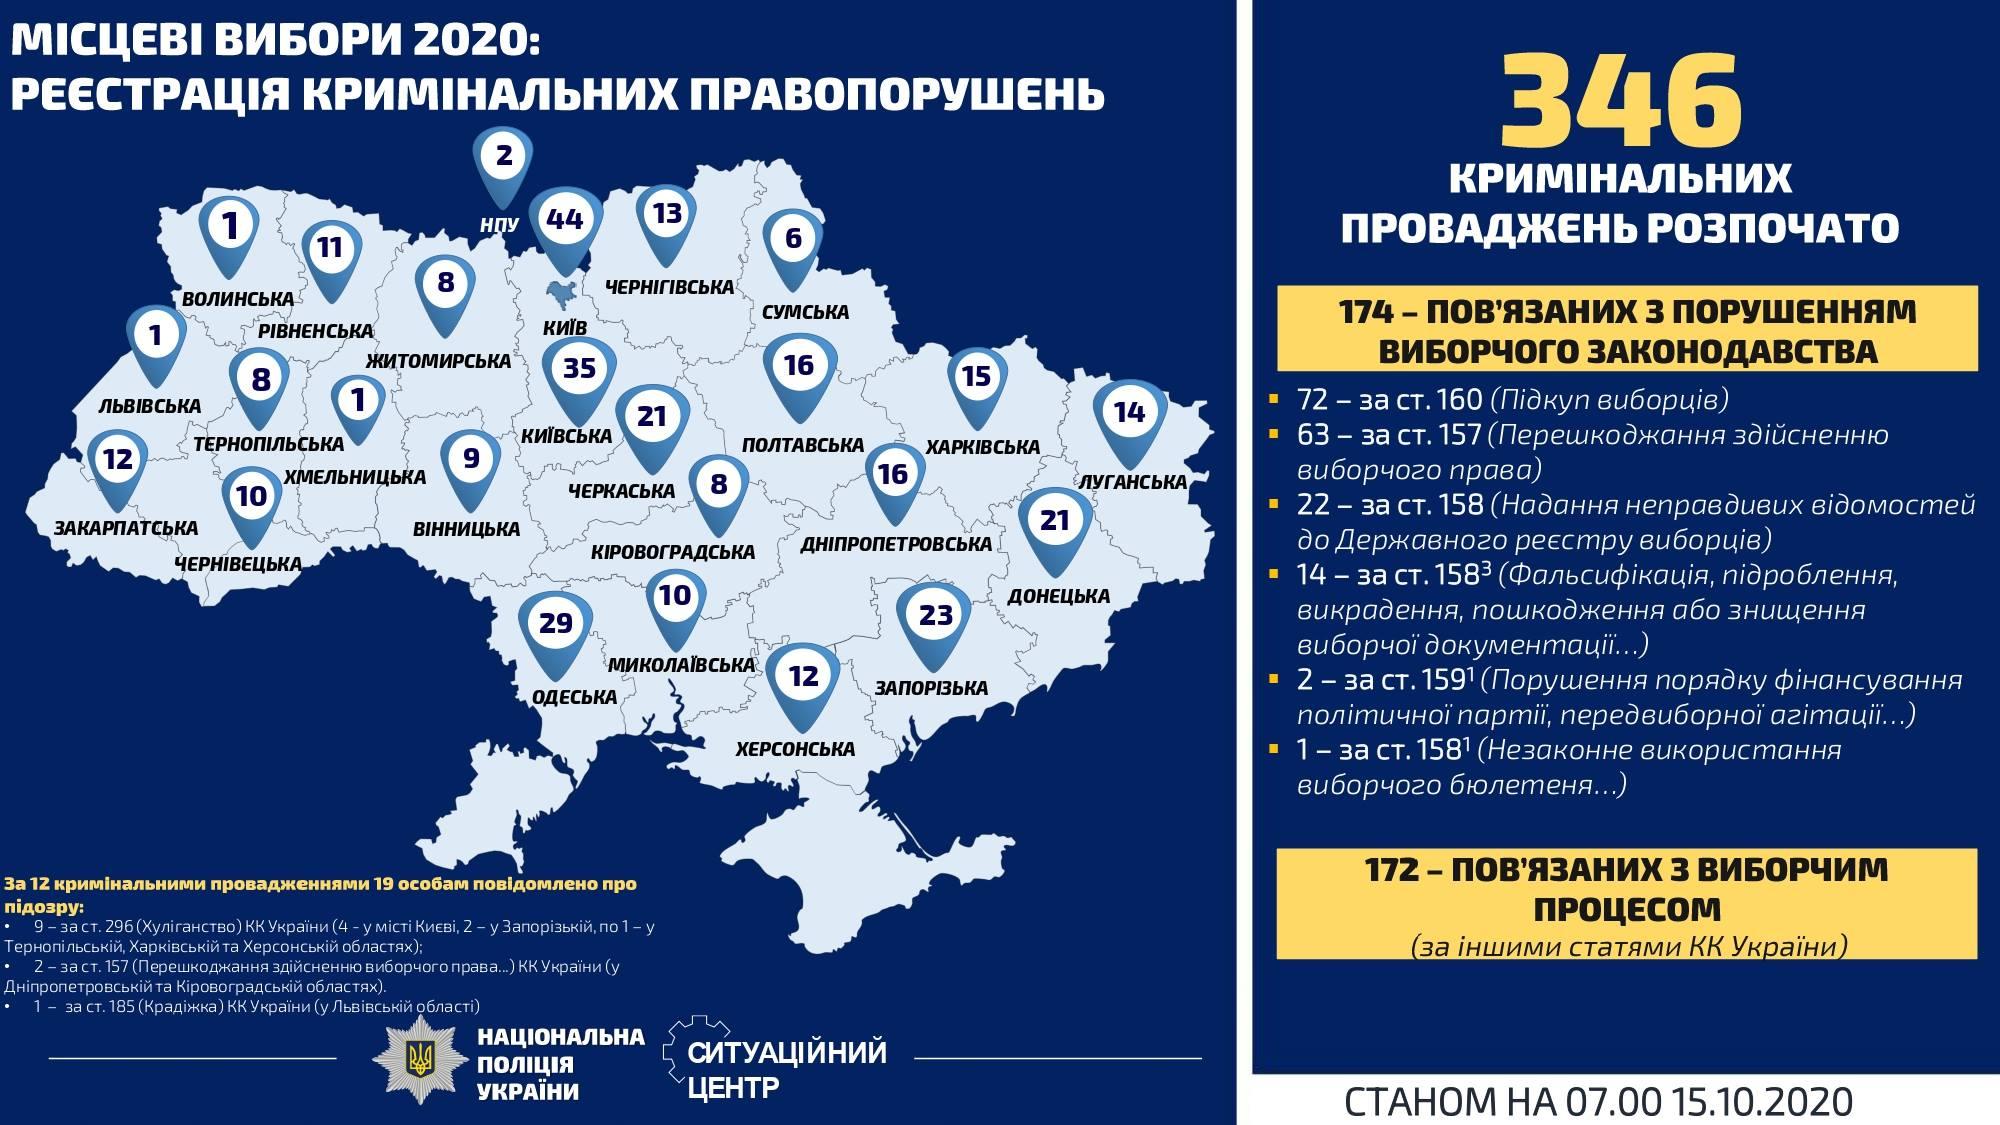 Кримінальні справи - вибори 2020